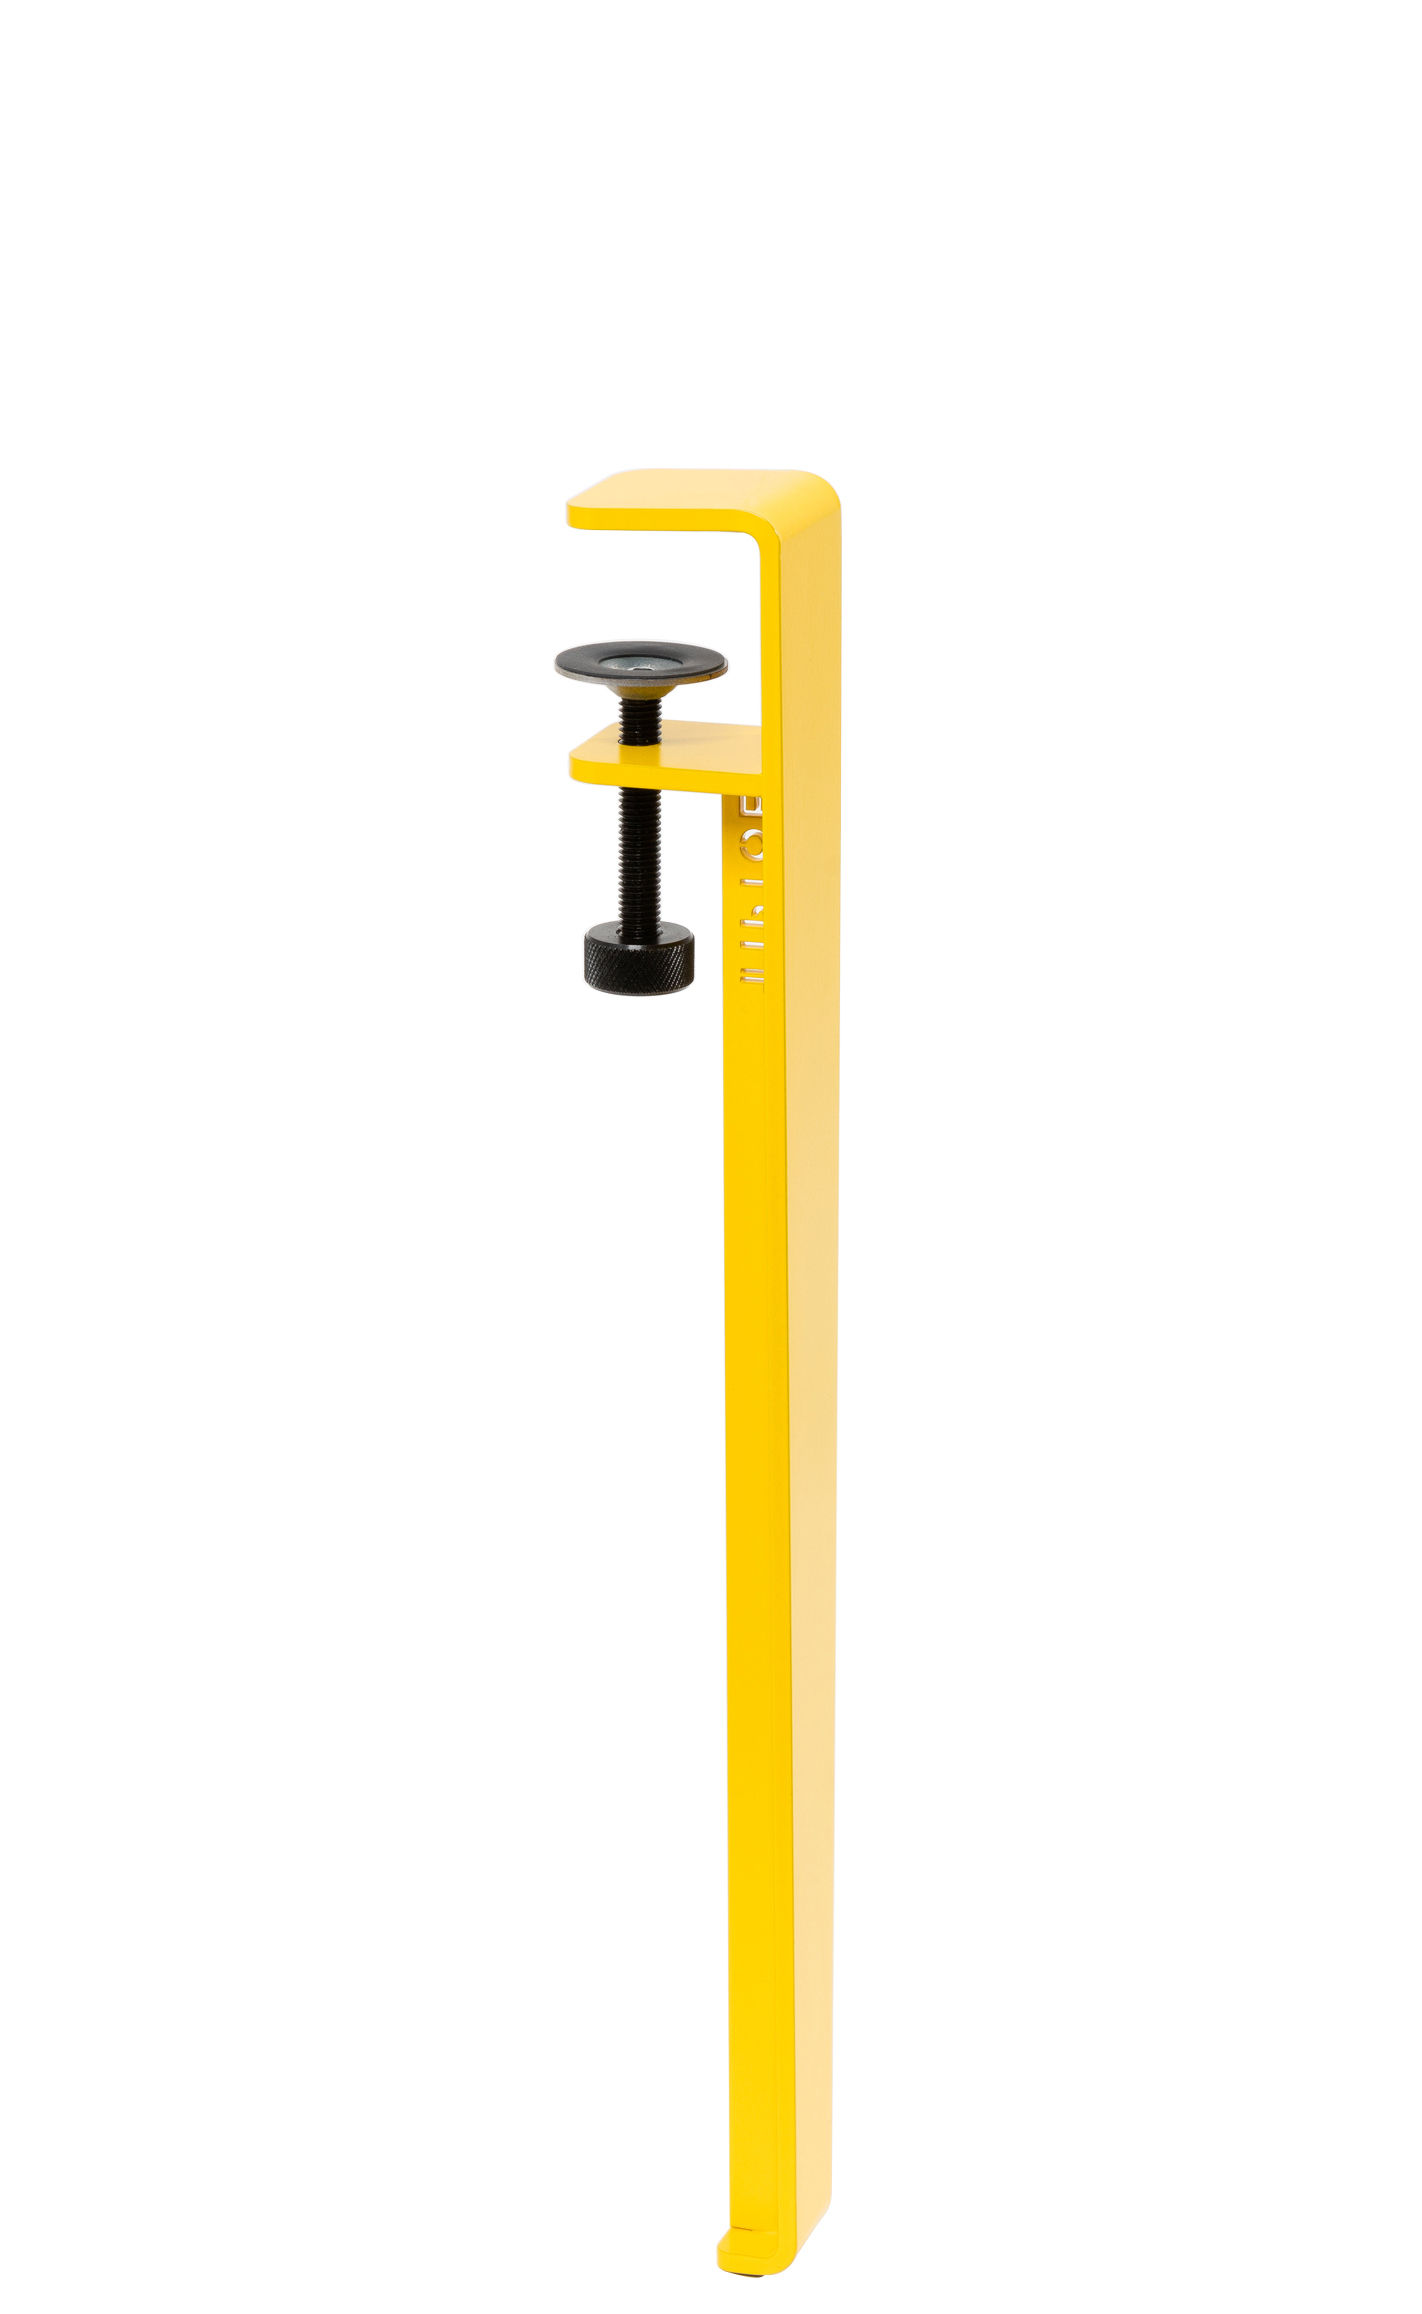 Mobilier - Tables basses - Pied avec fixation étau / H 43 cm - Pour créer tables basse & banc - TipToe - Jaune Cobalt - Acier thermolaqué